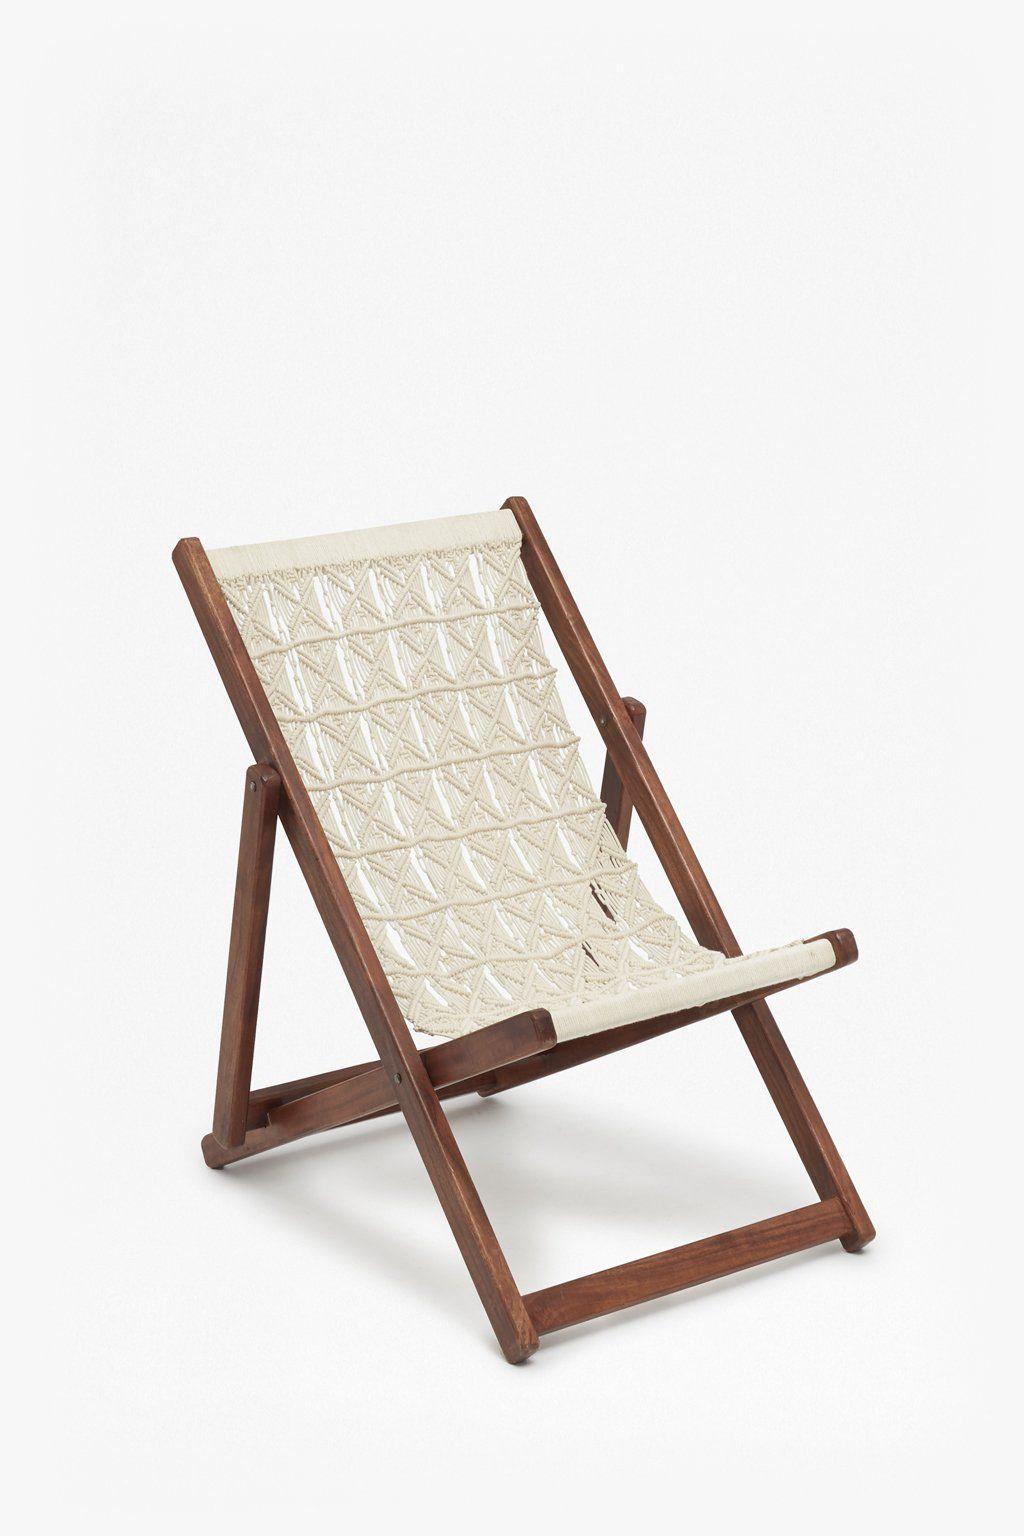 Acacia Macrame Deck Chair Wood Folding Chair Deck